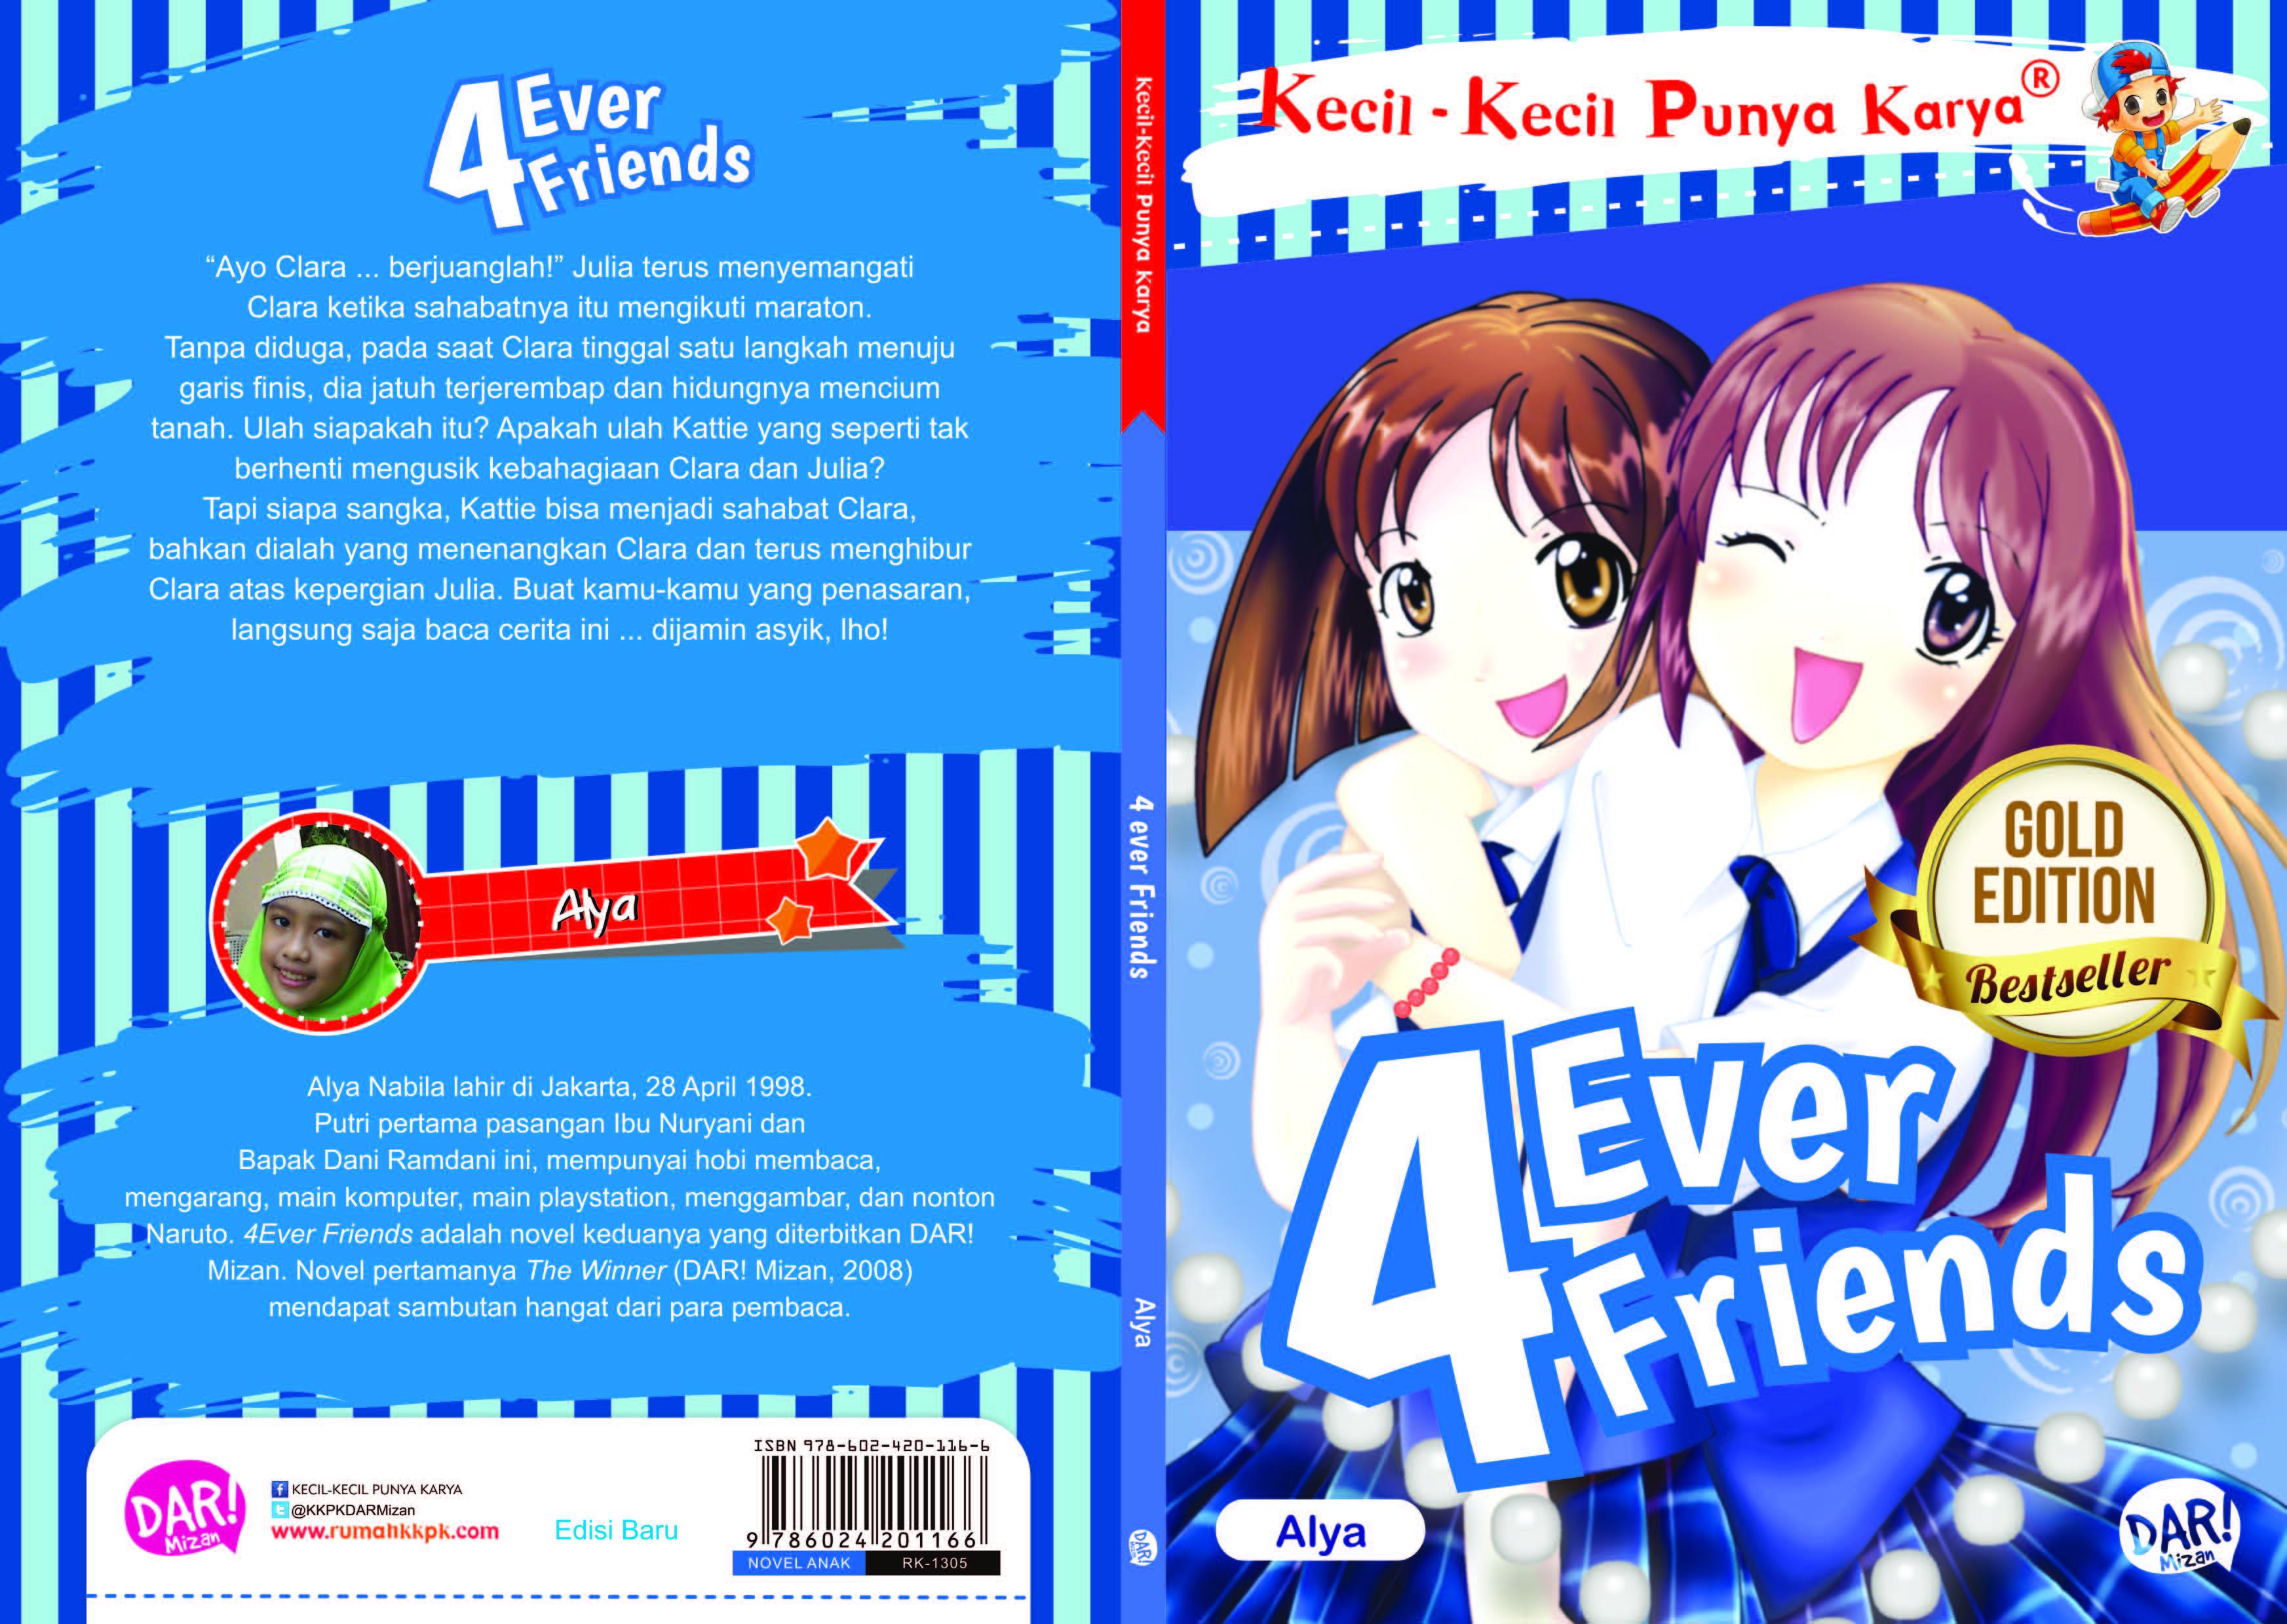 4ever friends [sumber elektronis]